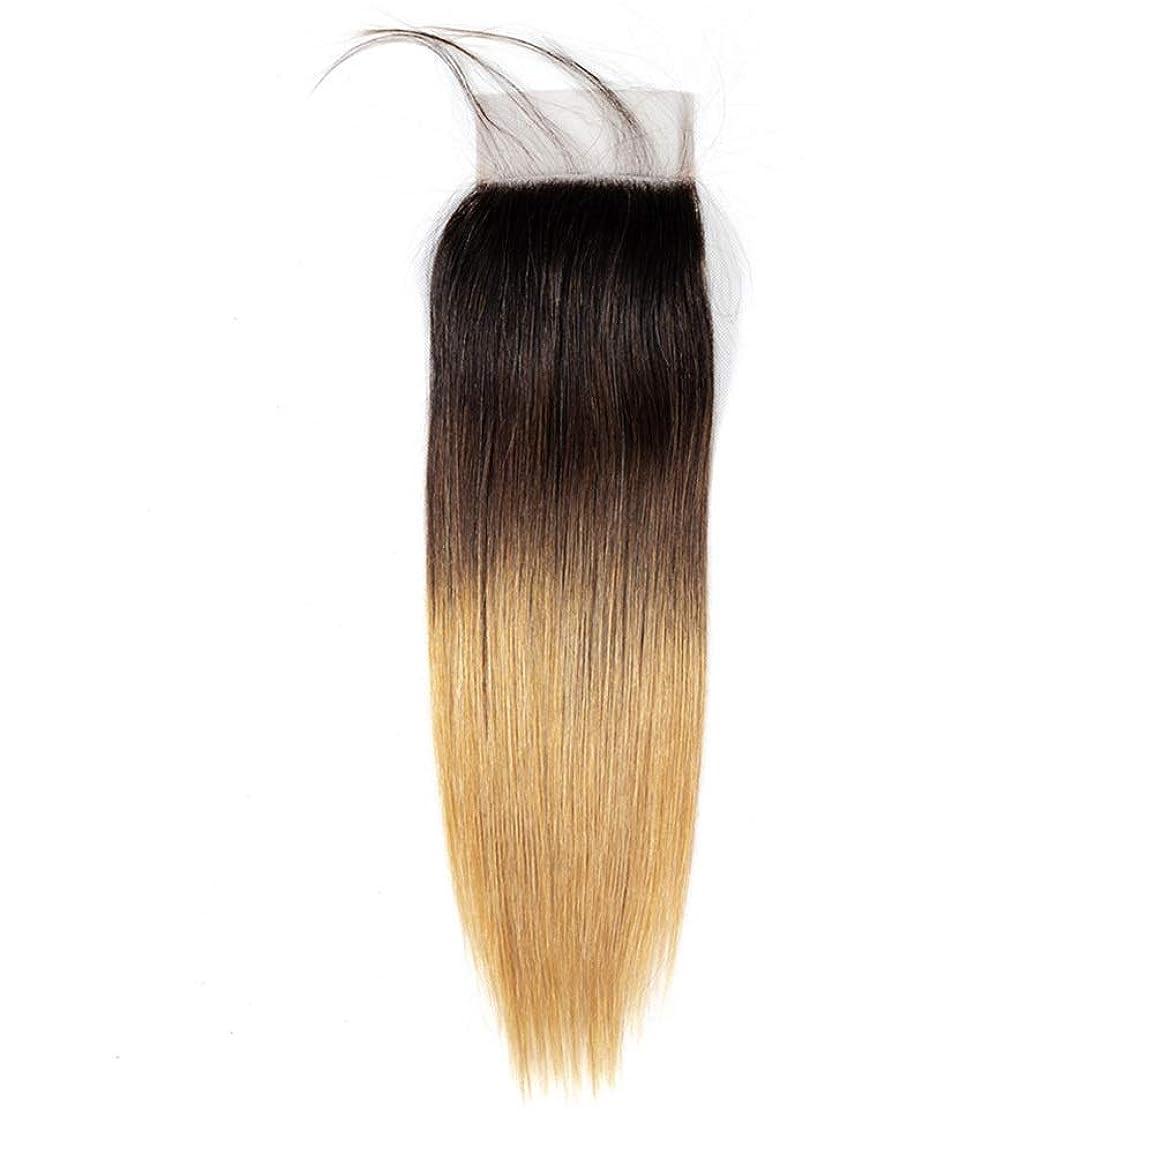 家禽デモンストレーション矩形HOHYLLYA オンブル人間の髪の毛のない部分4 x 4耳と耳のレース前頭閉鎖1B / 4/27 3トーンカラーブラウンウィッグウィッグ (色 : ブラウン, サイズ : 12 inch)